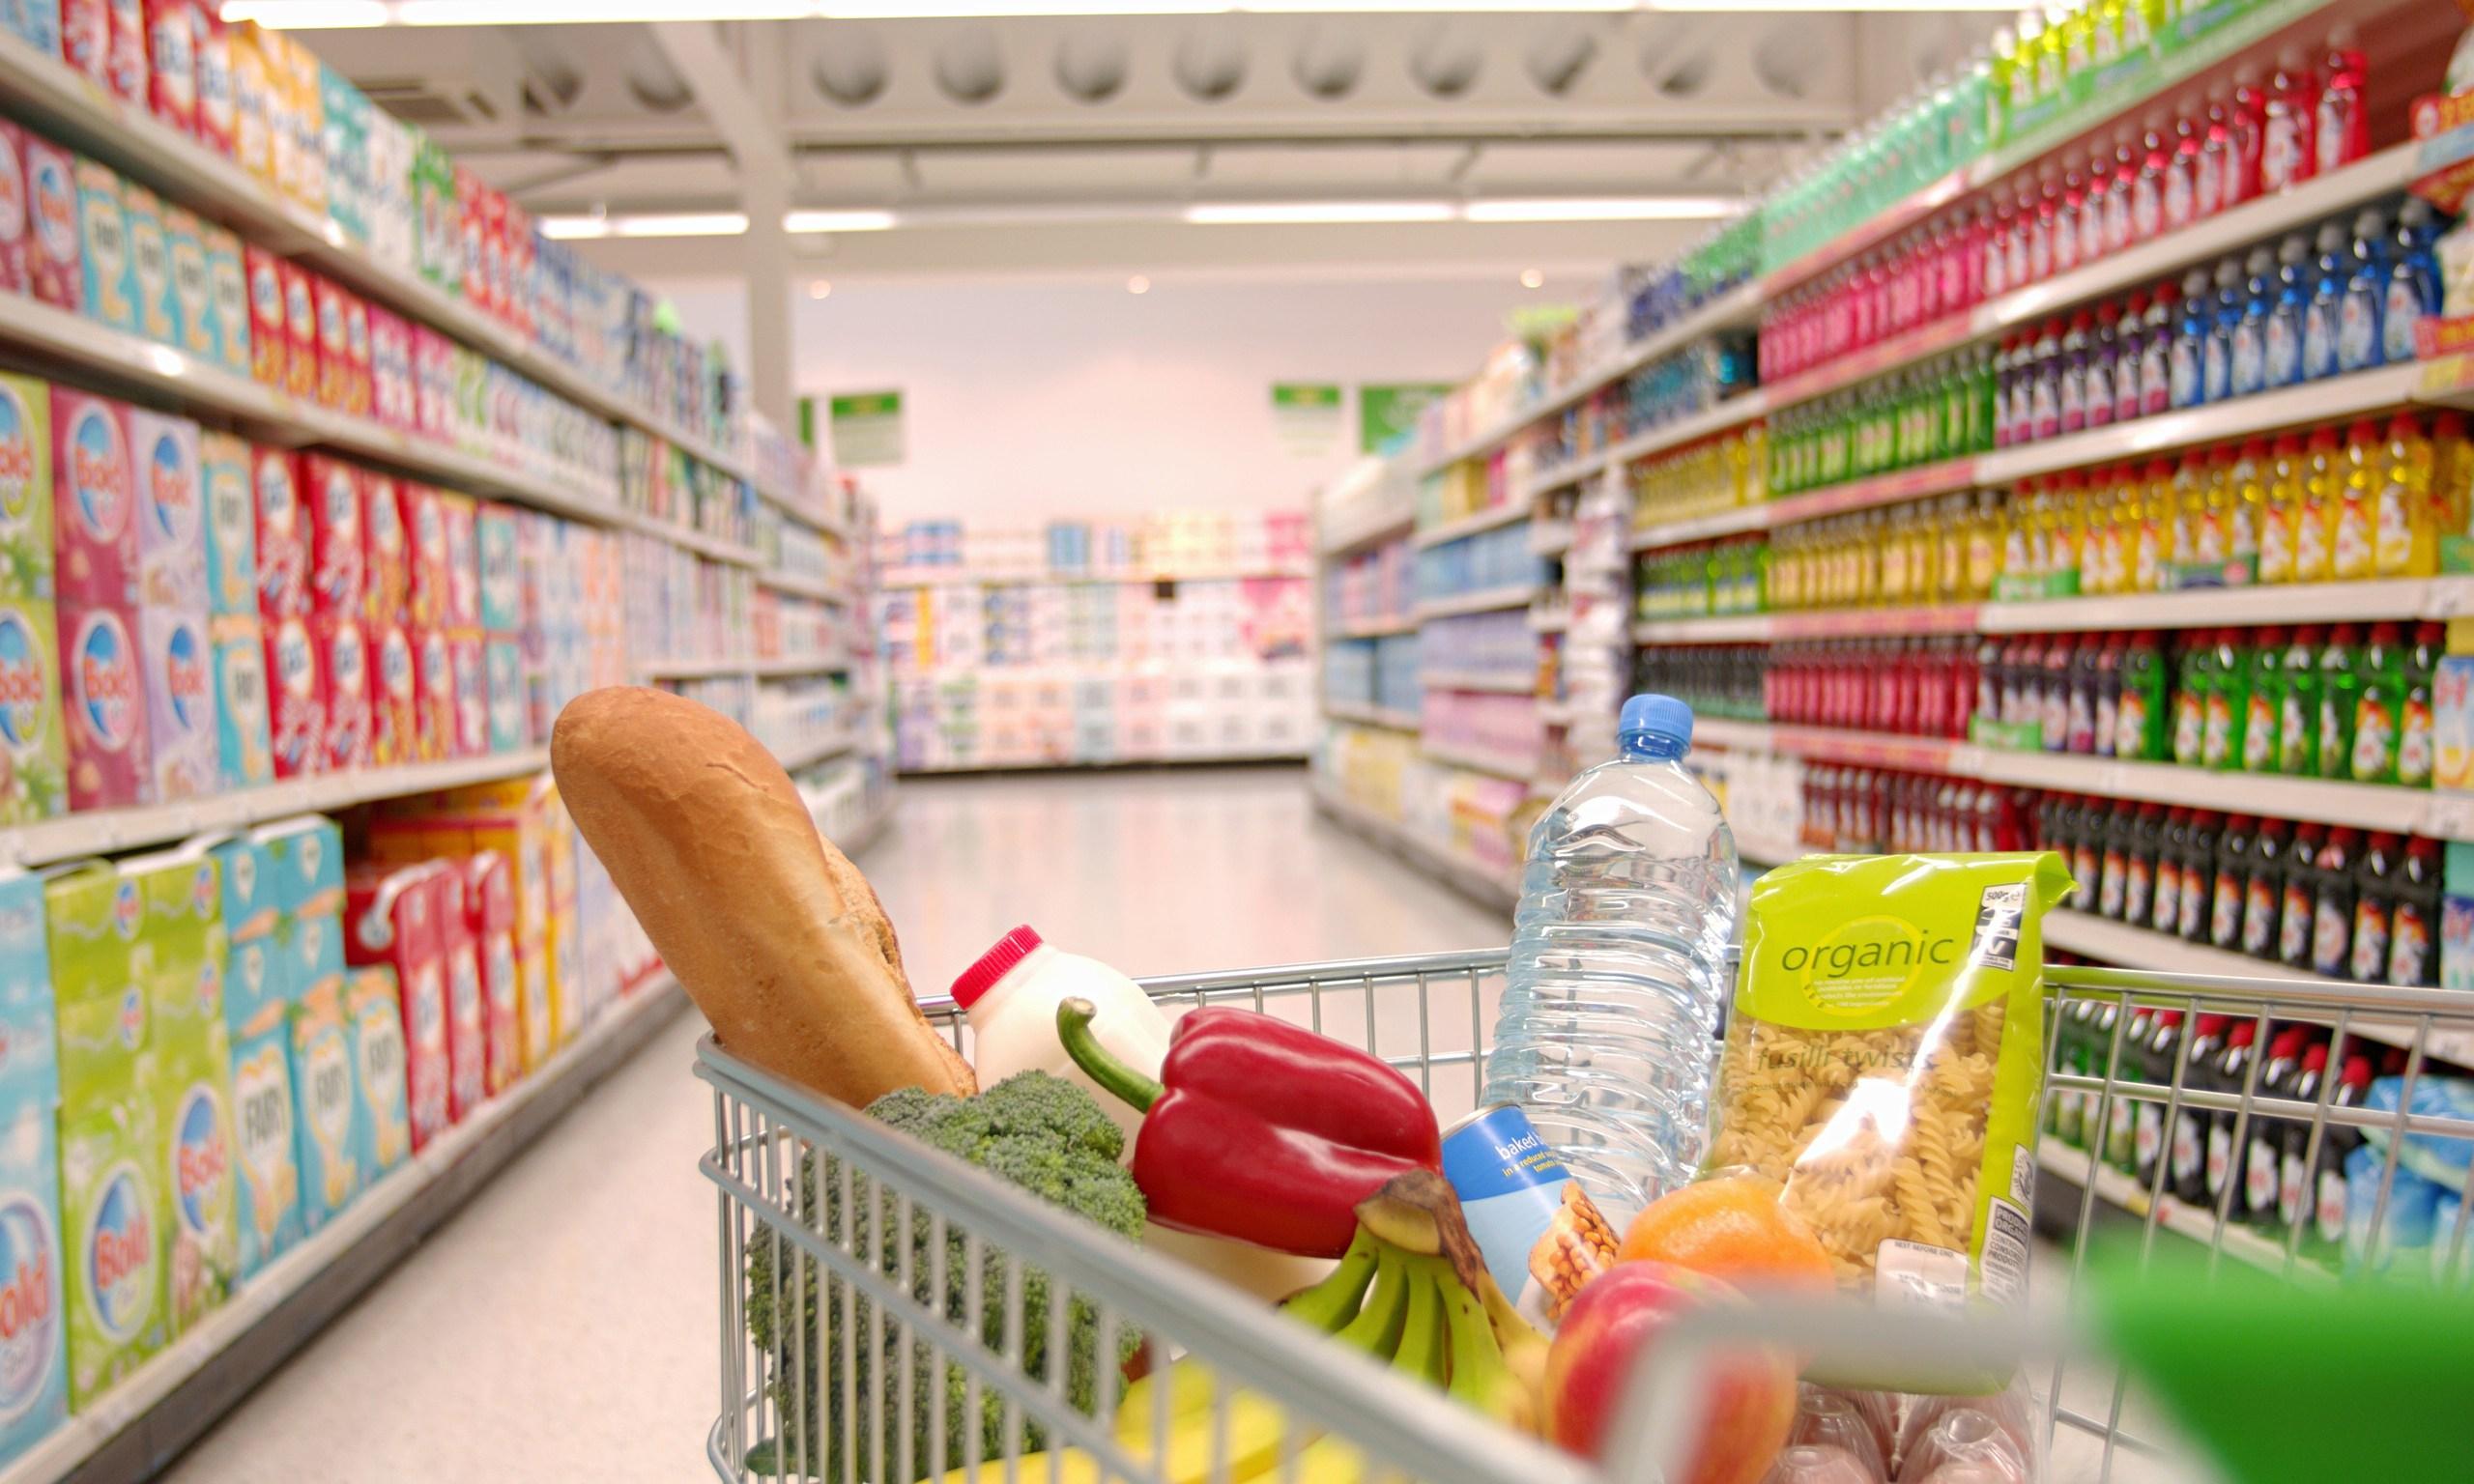 Konsumatorët më optimistë, parashikojnë ditë më të mira për ekonominë personale